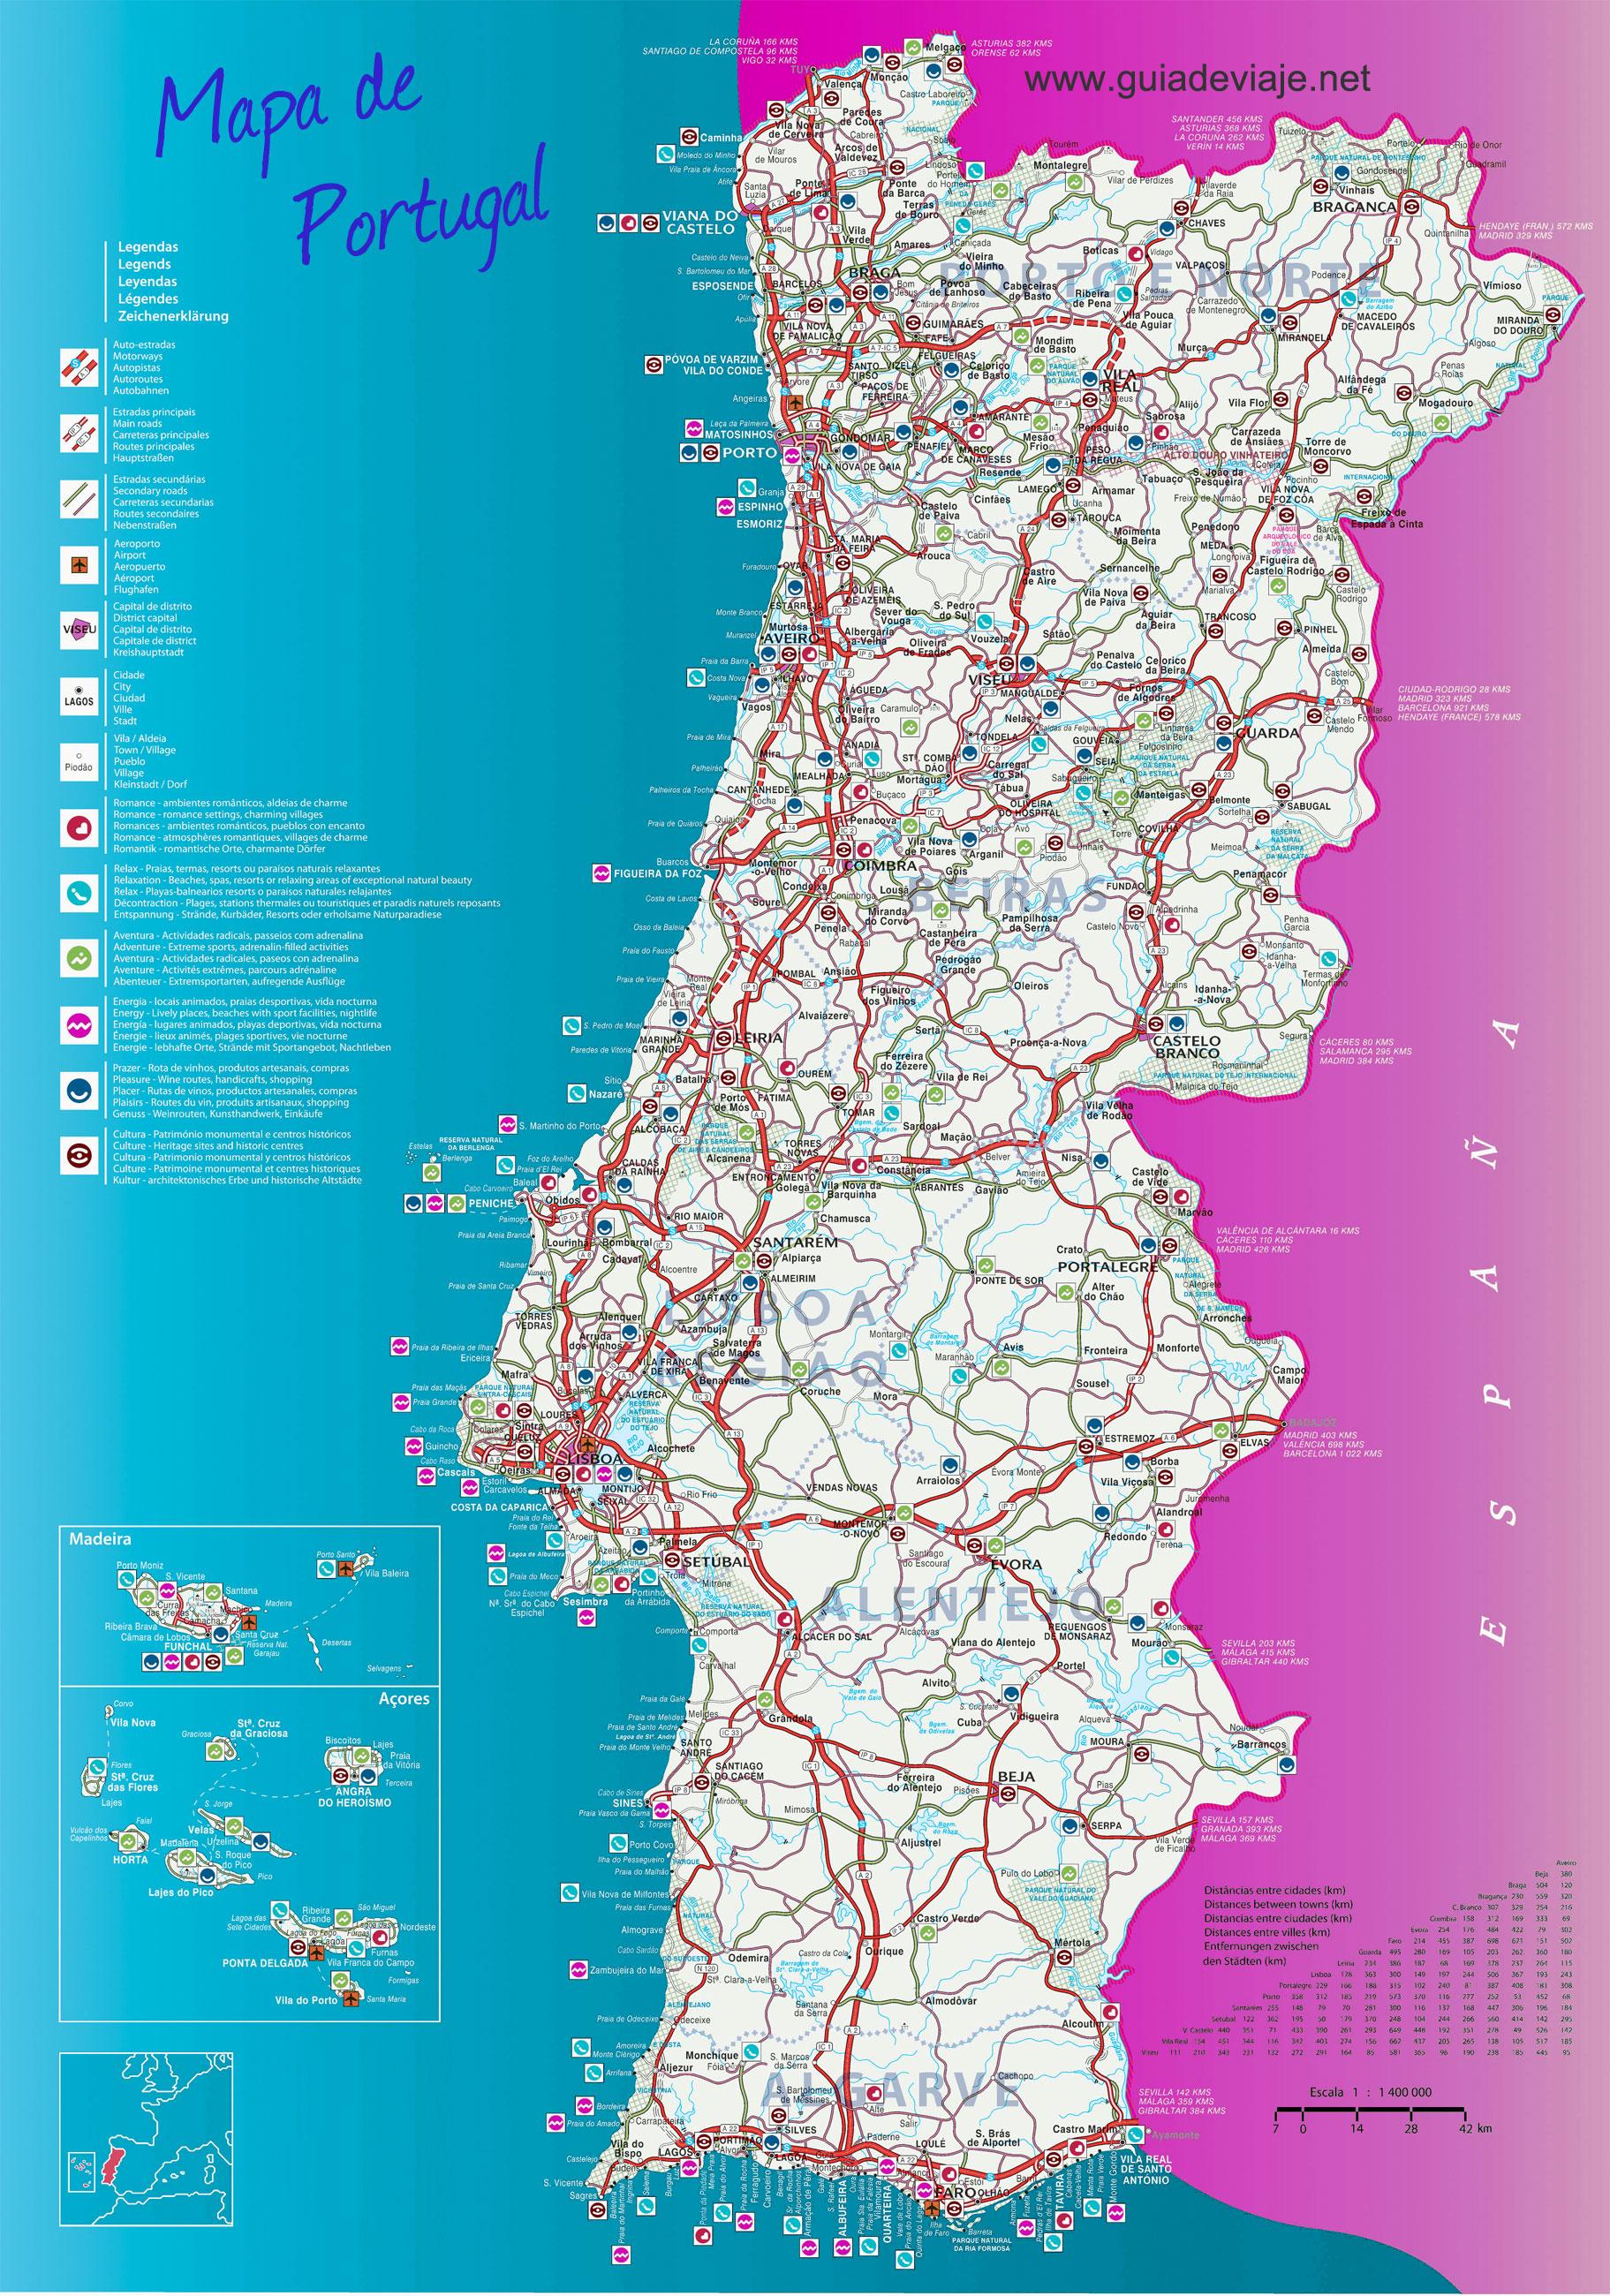 mapa completo de portugal Mapa de Portugal mapa completo de portugal